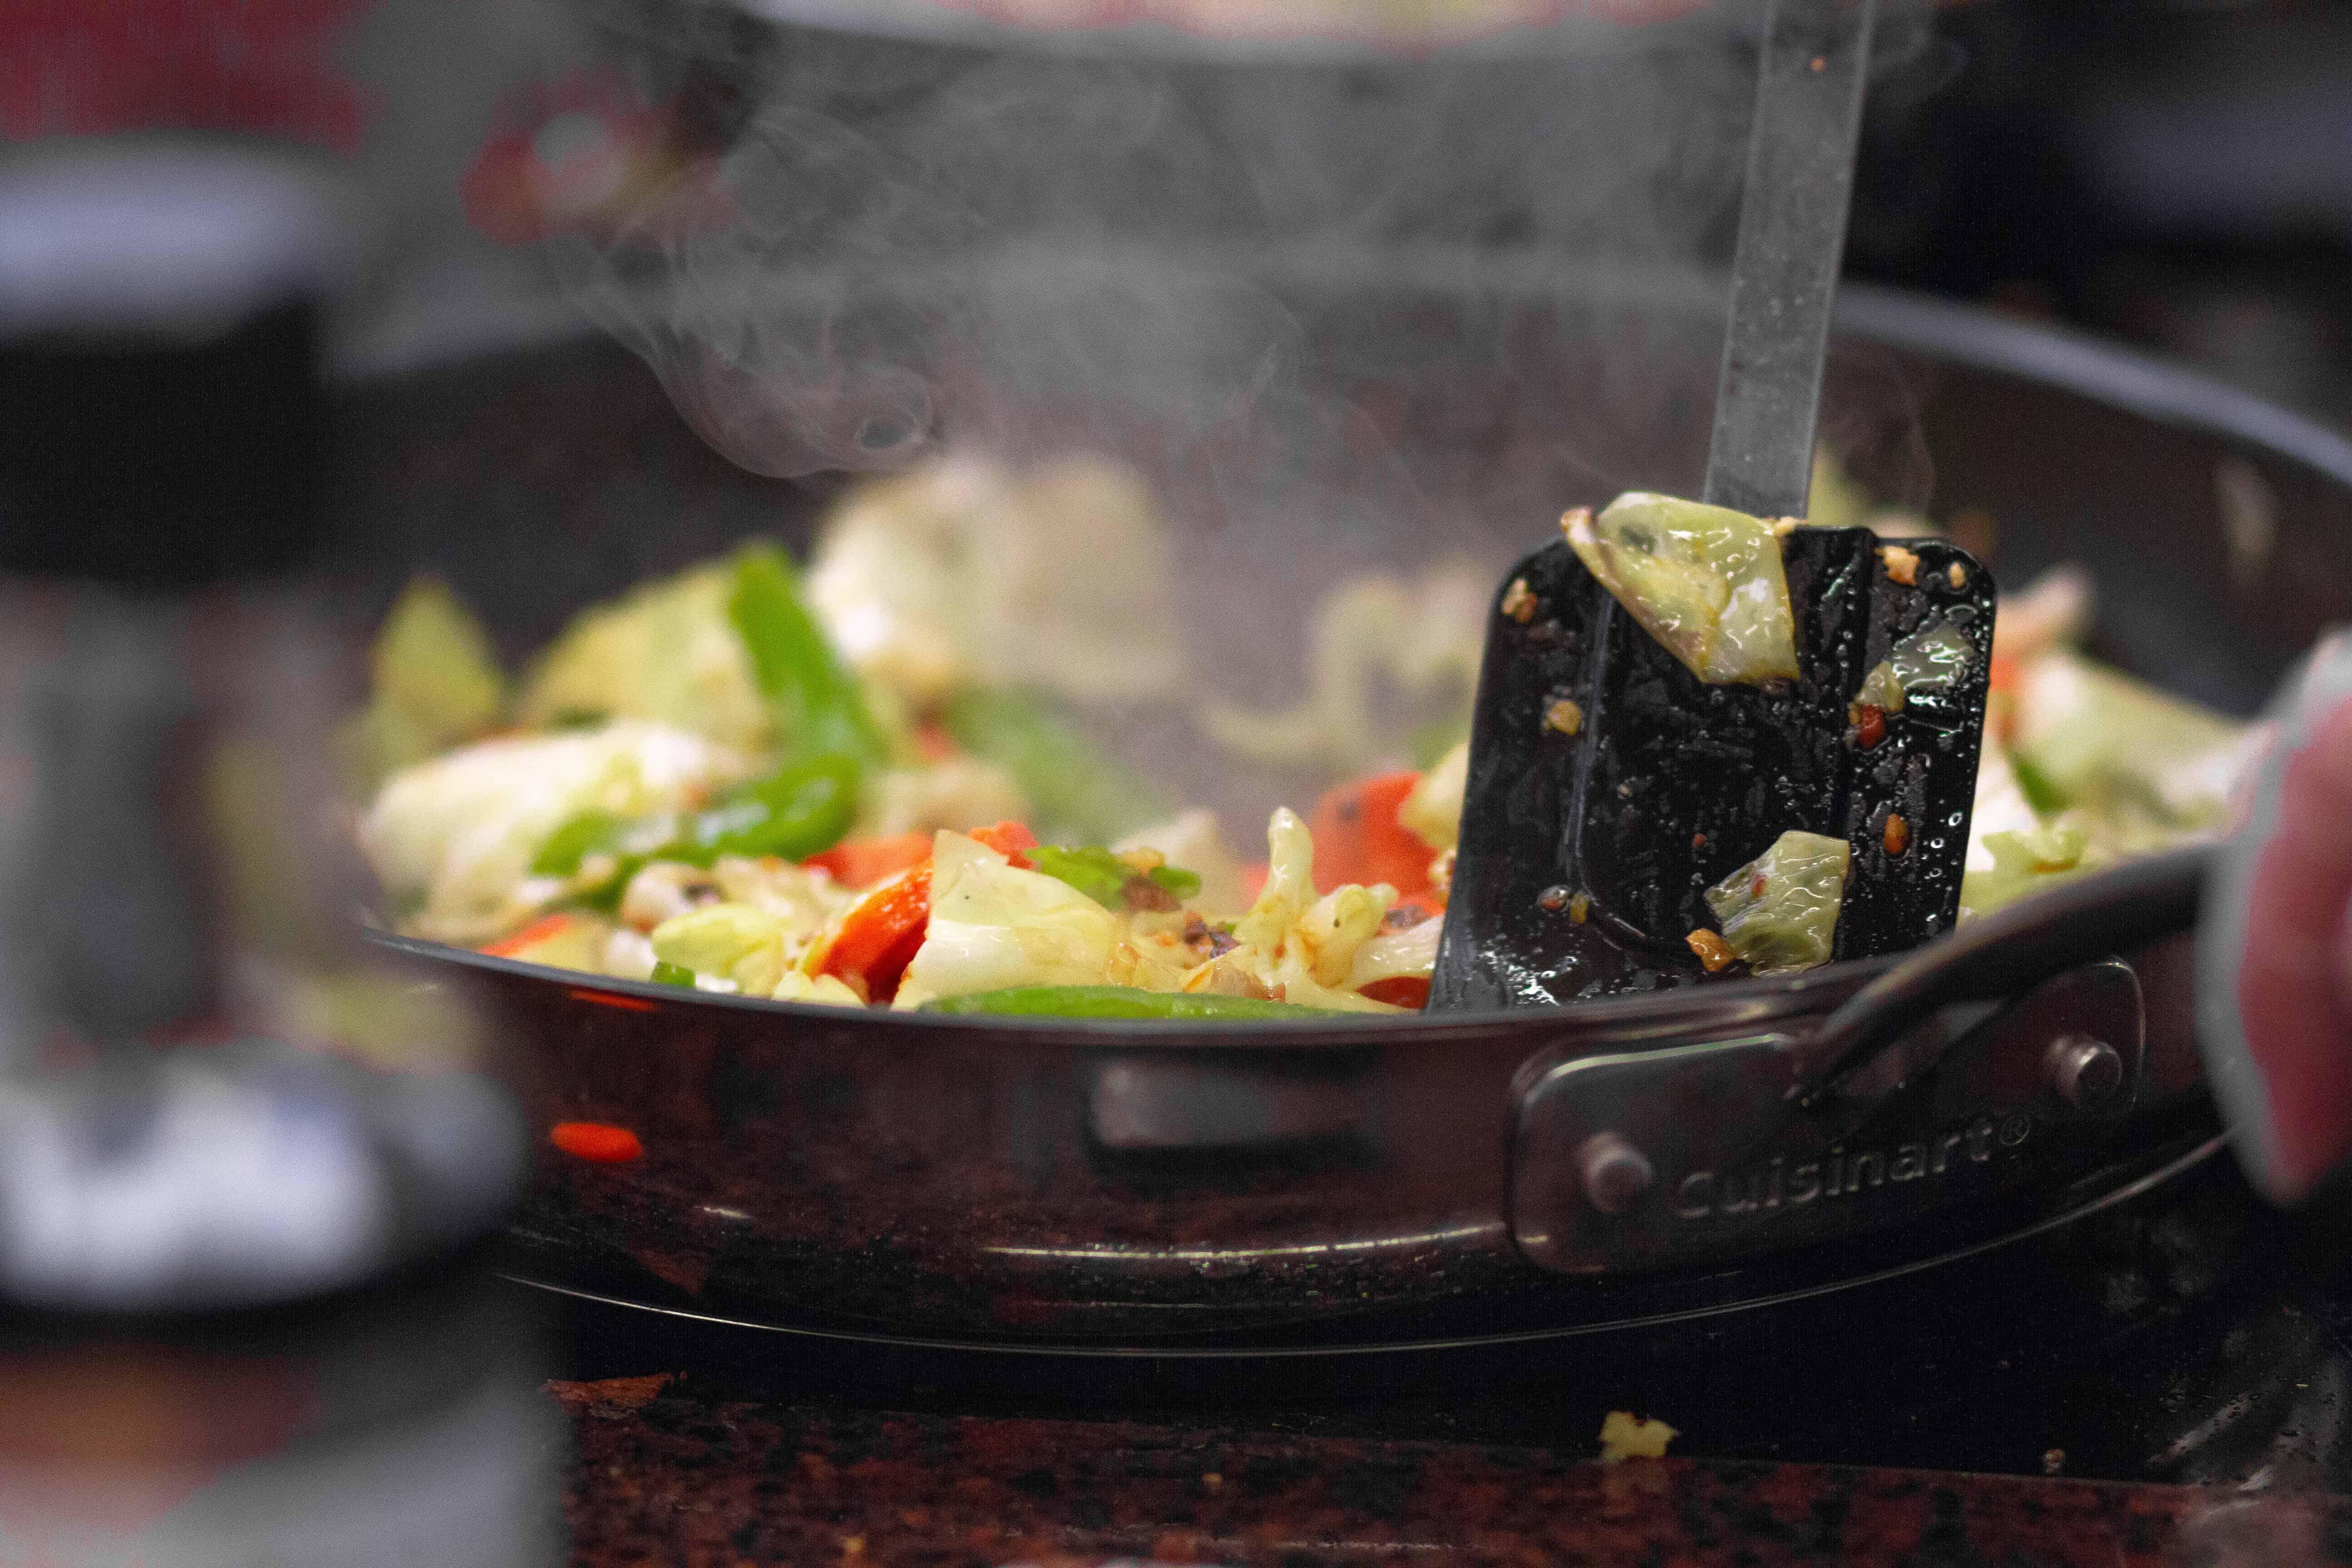 Foto de uma panela de ferro preta, com comida sendo preparada em seu interior, em uma colher preta.